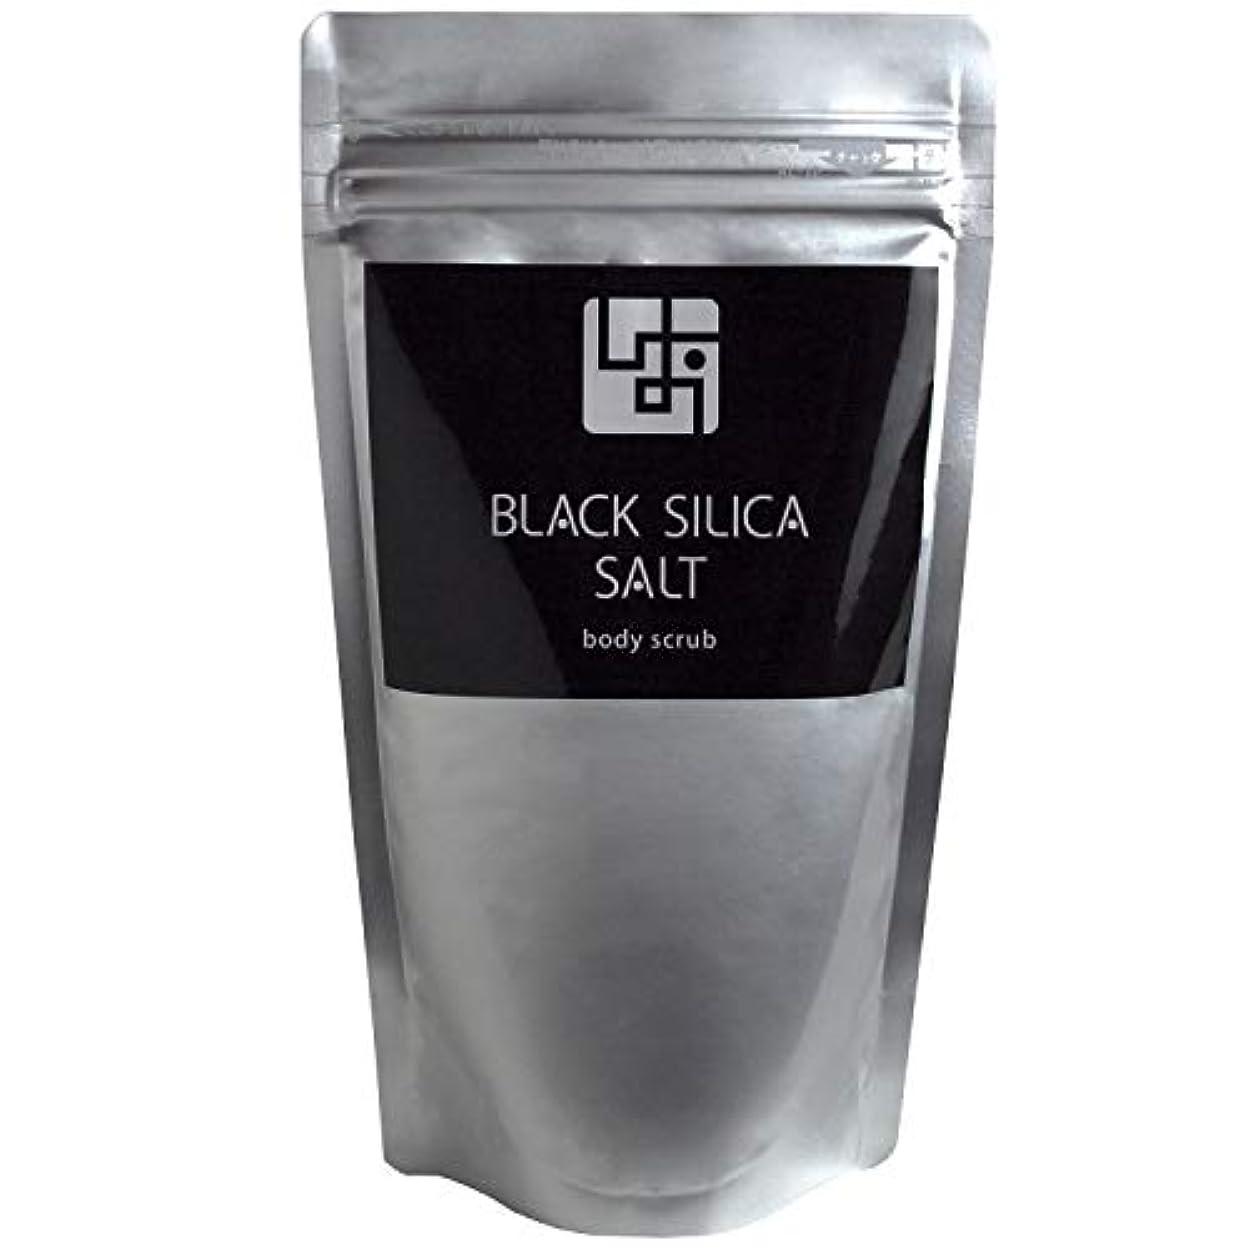 なめらかゴネリルひばり【BLACK SILICA SALT】ブラックシリカソルト 黒ずみ?角質ケア専用 ボディ?スクラブ (全身用?粉末) 400g